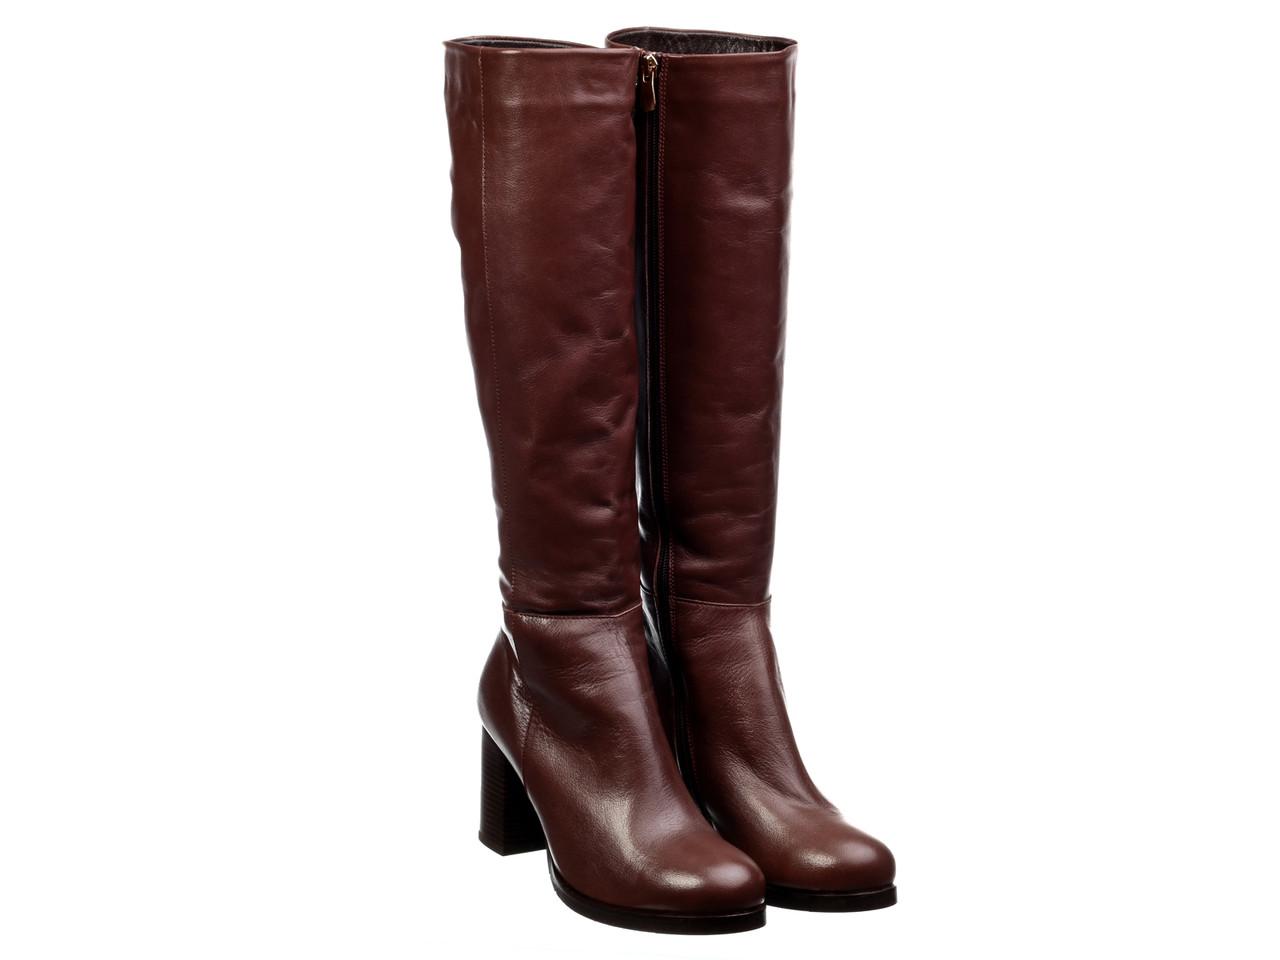 Сапоги Etor 5753-012-10103 коричневые